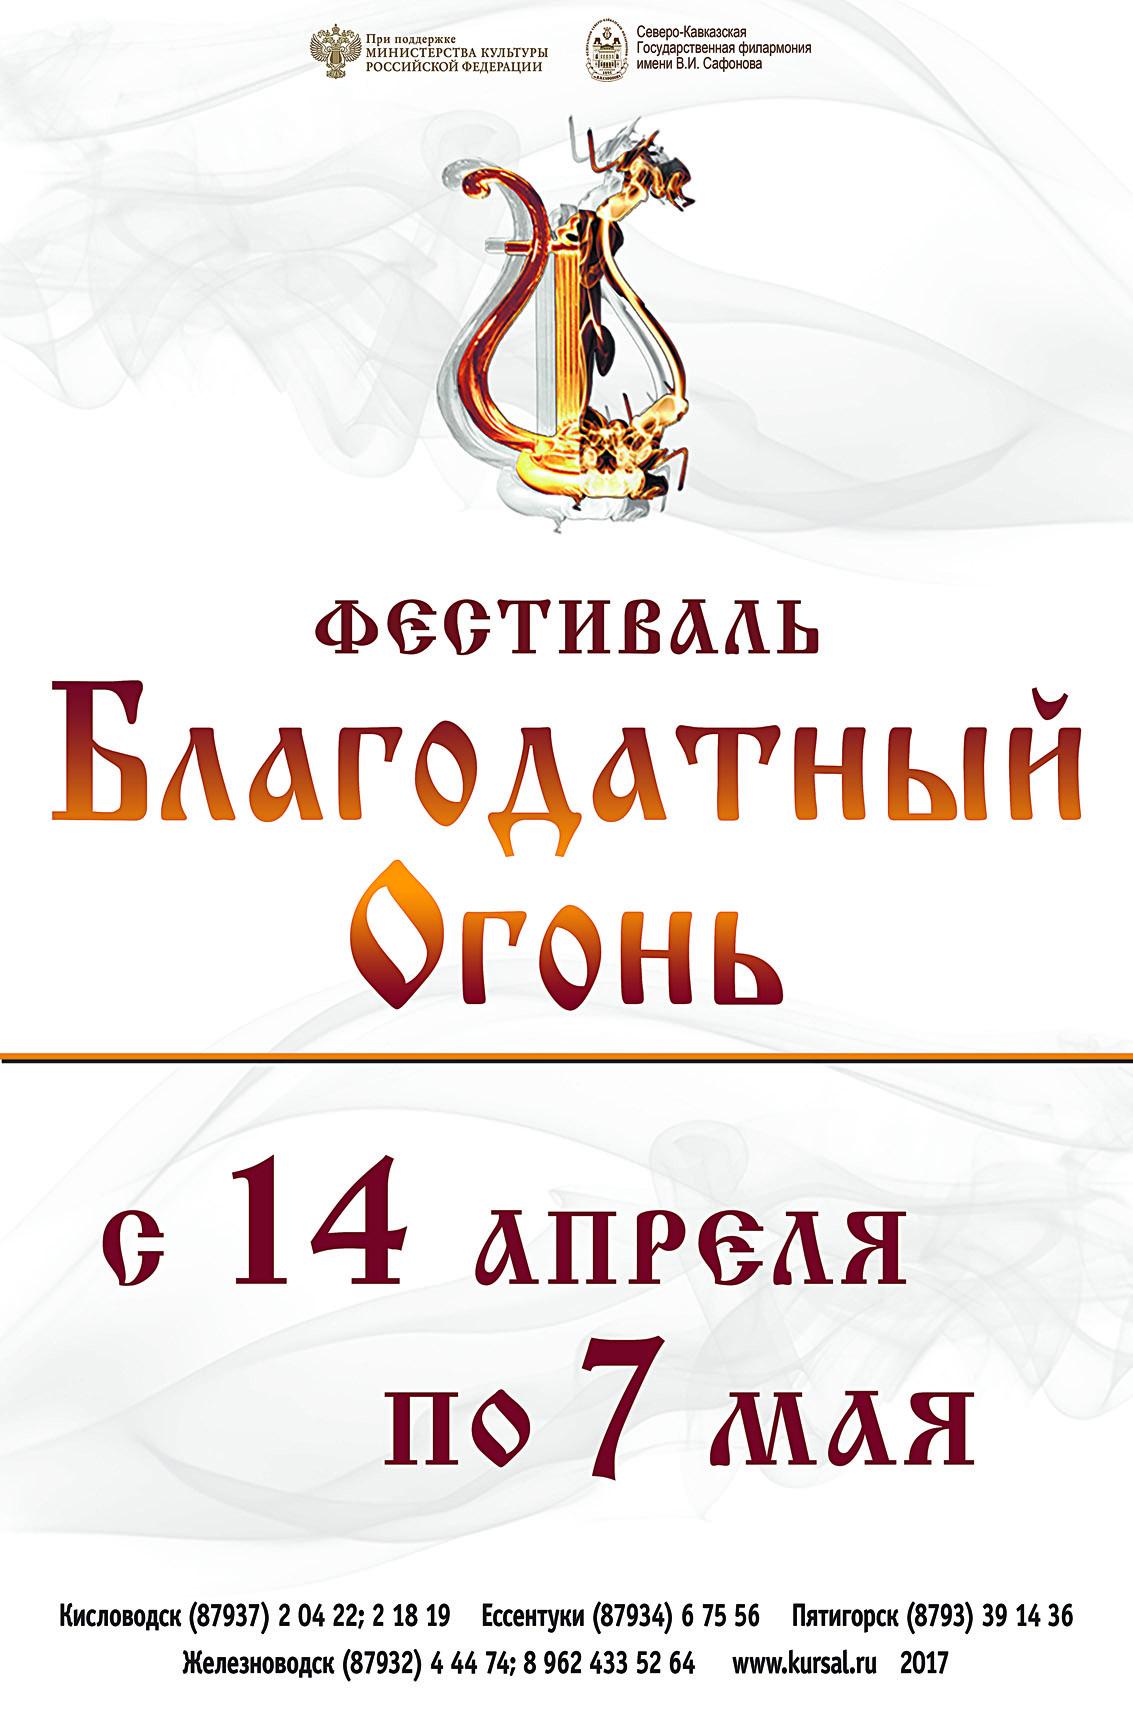 """ФЕСТИВАЛЬ """"БЛАГОДАТНЫЙ ОГОНЬ"""" ОТКРОЕТСЯ 14 АПРЕЛЯ"""